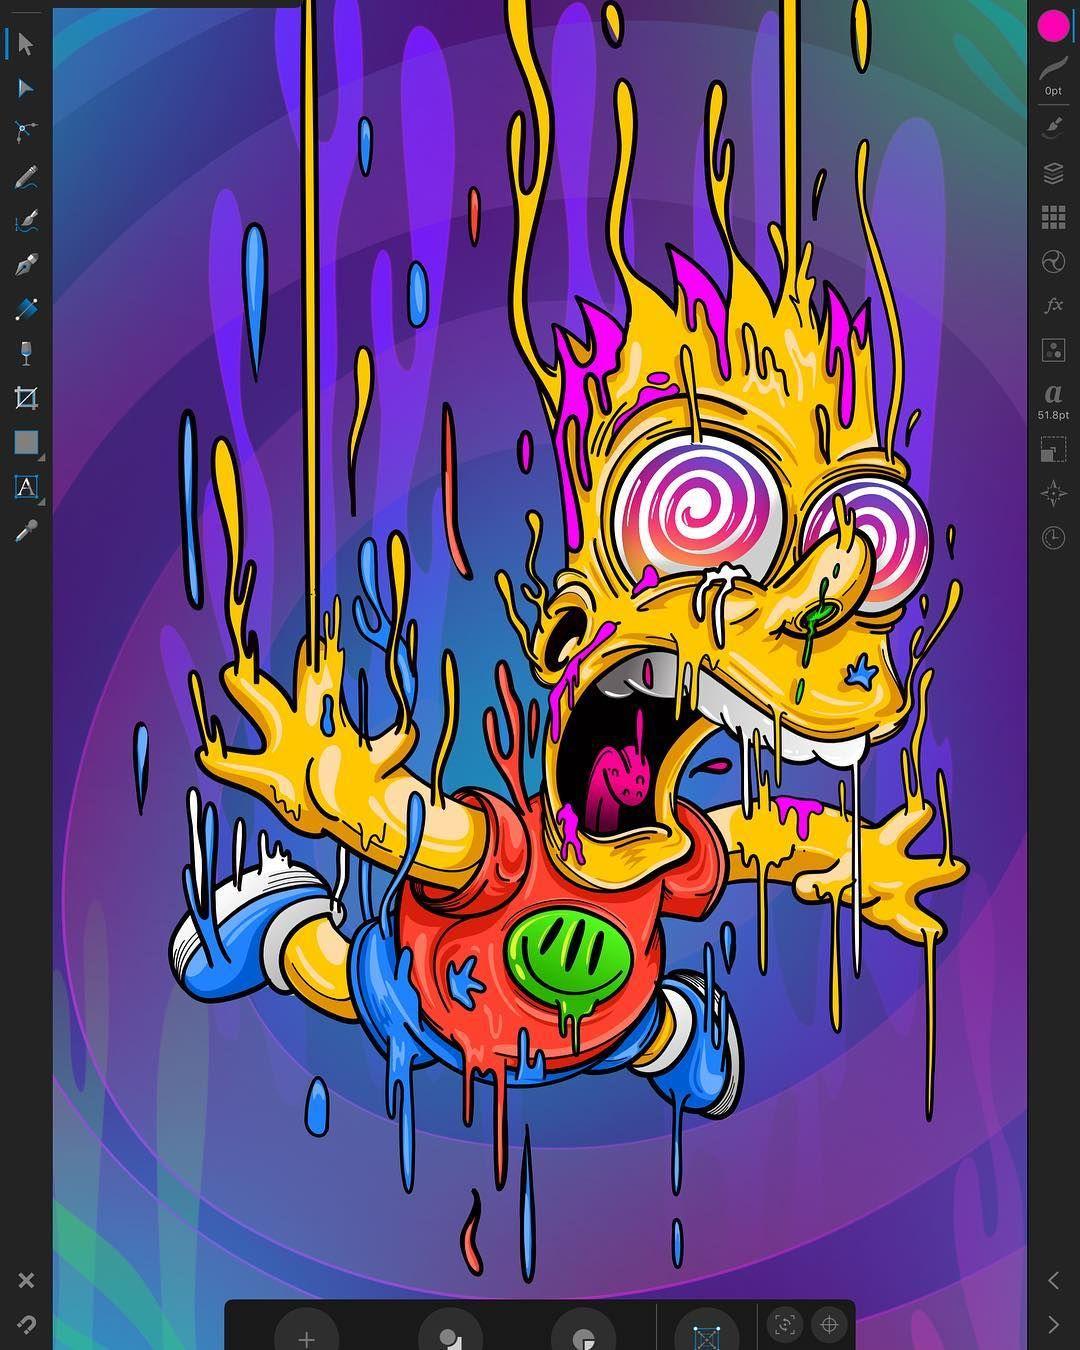 No Hay Ninguna Descripcion De La Foto Disponible Simpsons Art Graffiti Wallpaper Simpsons Drawings